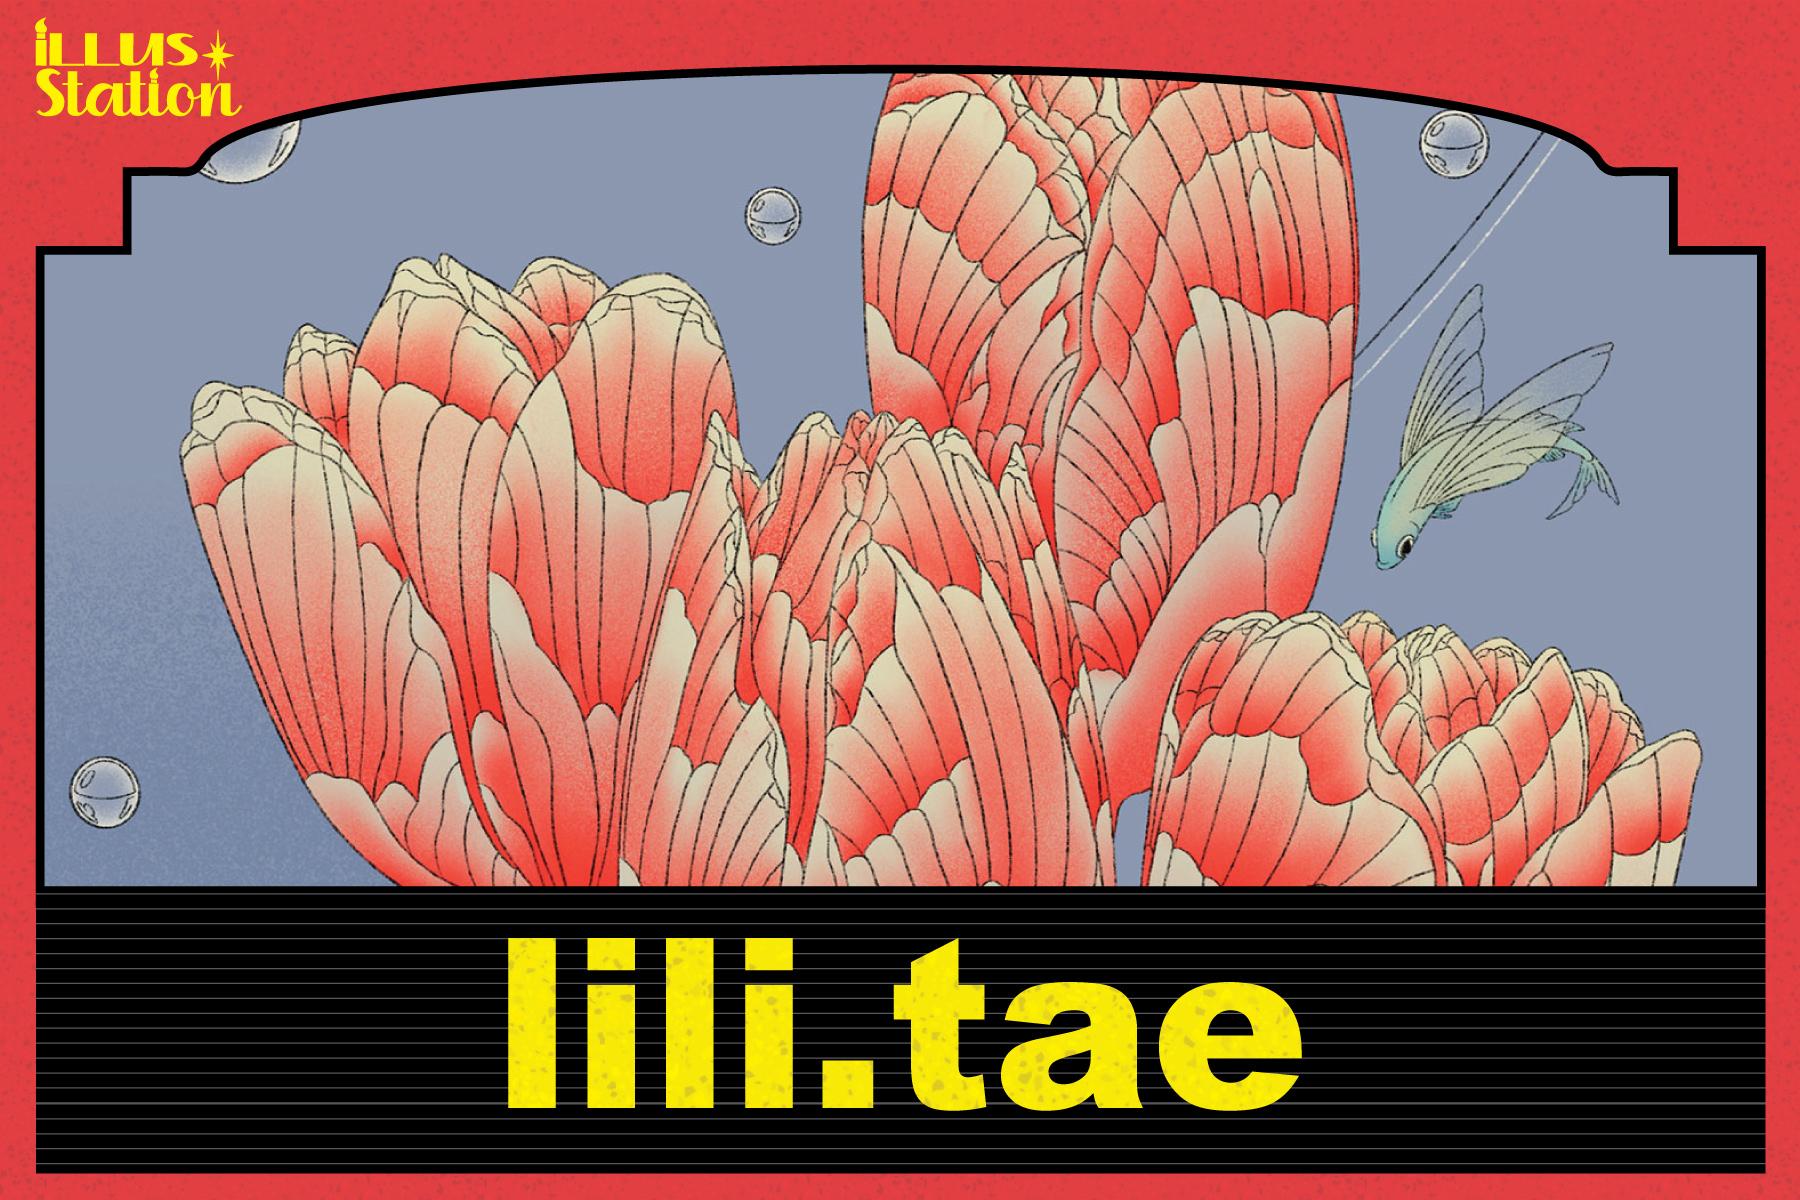 lili.tae นักวาดผู้แปลงความหลงใหลในภาพพิมพ์เอเชียให้เป็นภาพแฟนตาซีสีสดบนแคนวาสดิจิทัล